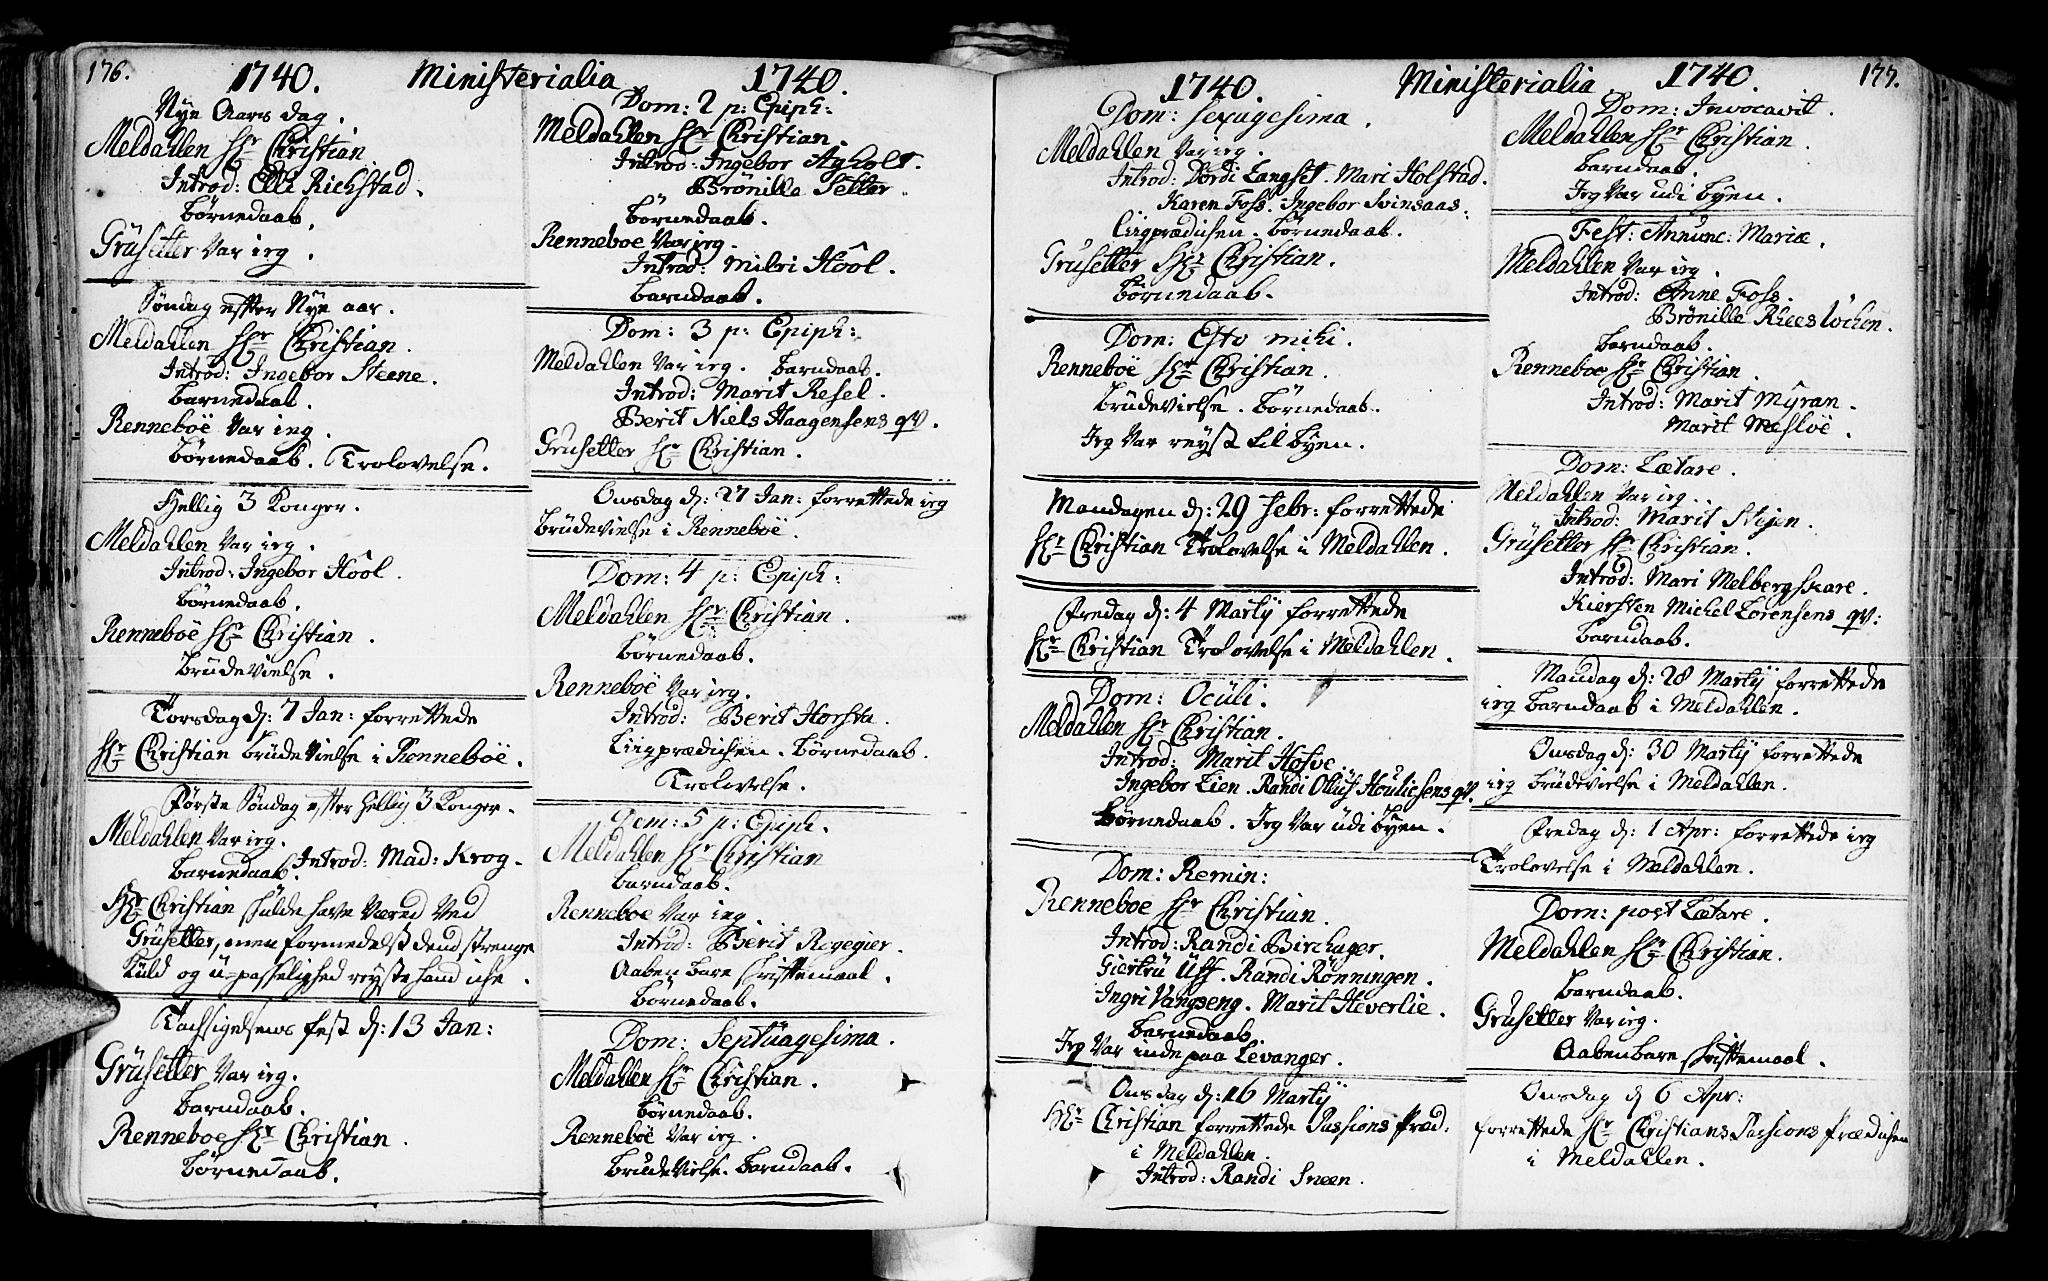 SAT, Ministerialprotokoller, klokkerbøker og fødselsregistre - Sør-Trøndelag, 672/L0850: Ministerialbok nr. 672A03, 1725-1751, s. 176-177